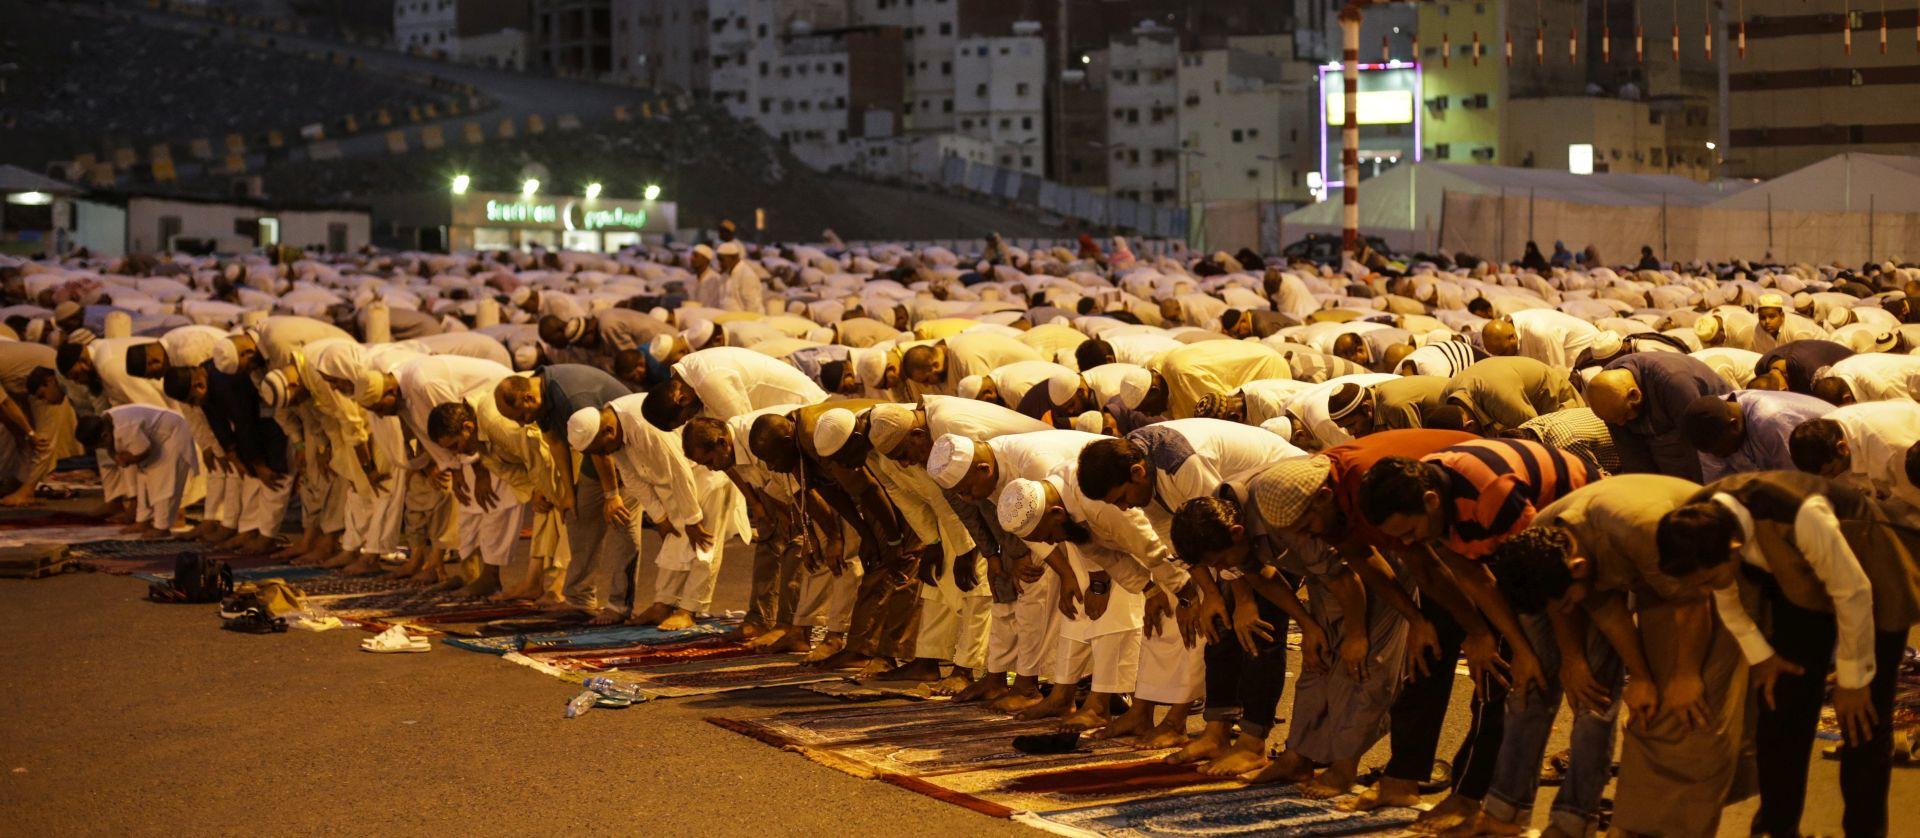 HADŽ Više od 1,8 milijuna hodočasnika stiglo u Saudijsku Arabiju